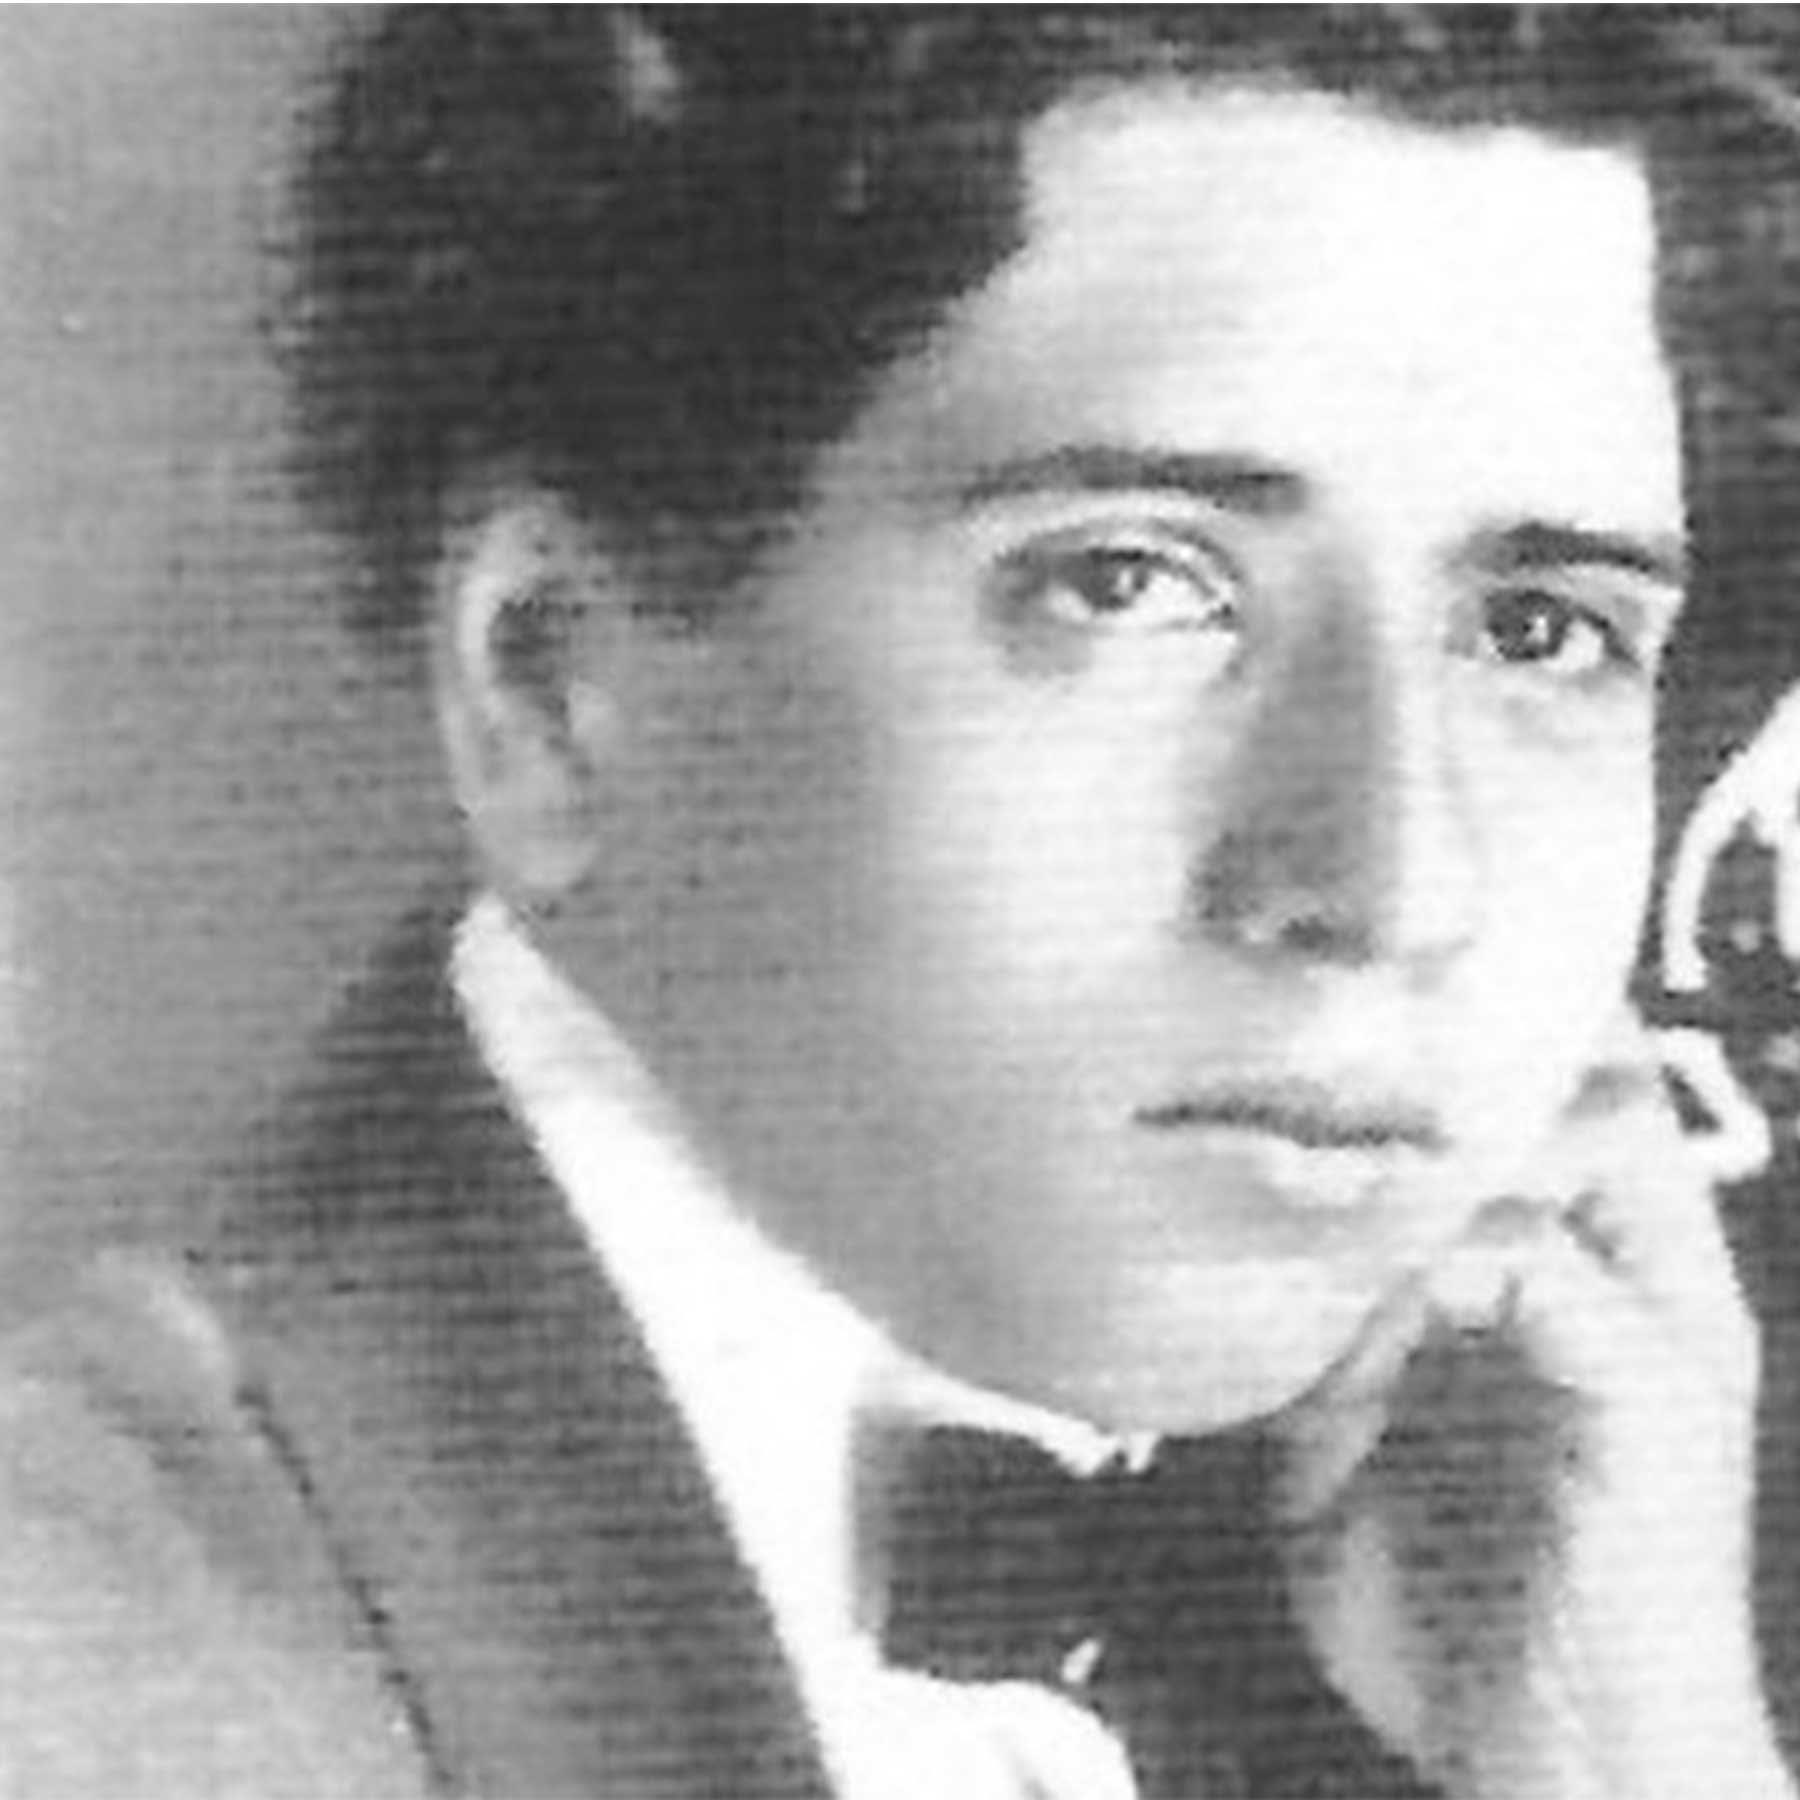 Presentación do CD <k>José Arriola. Orchestral Music</k>